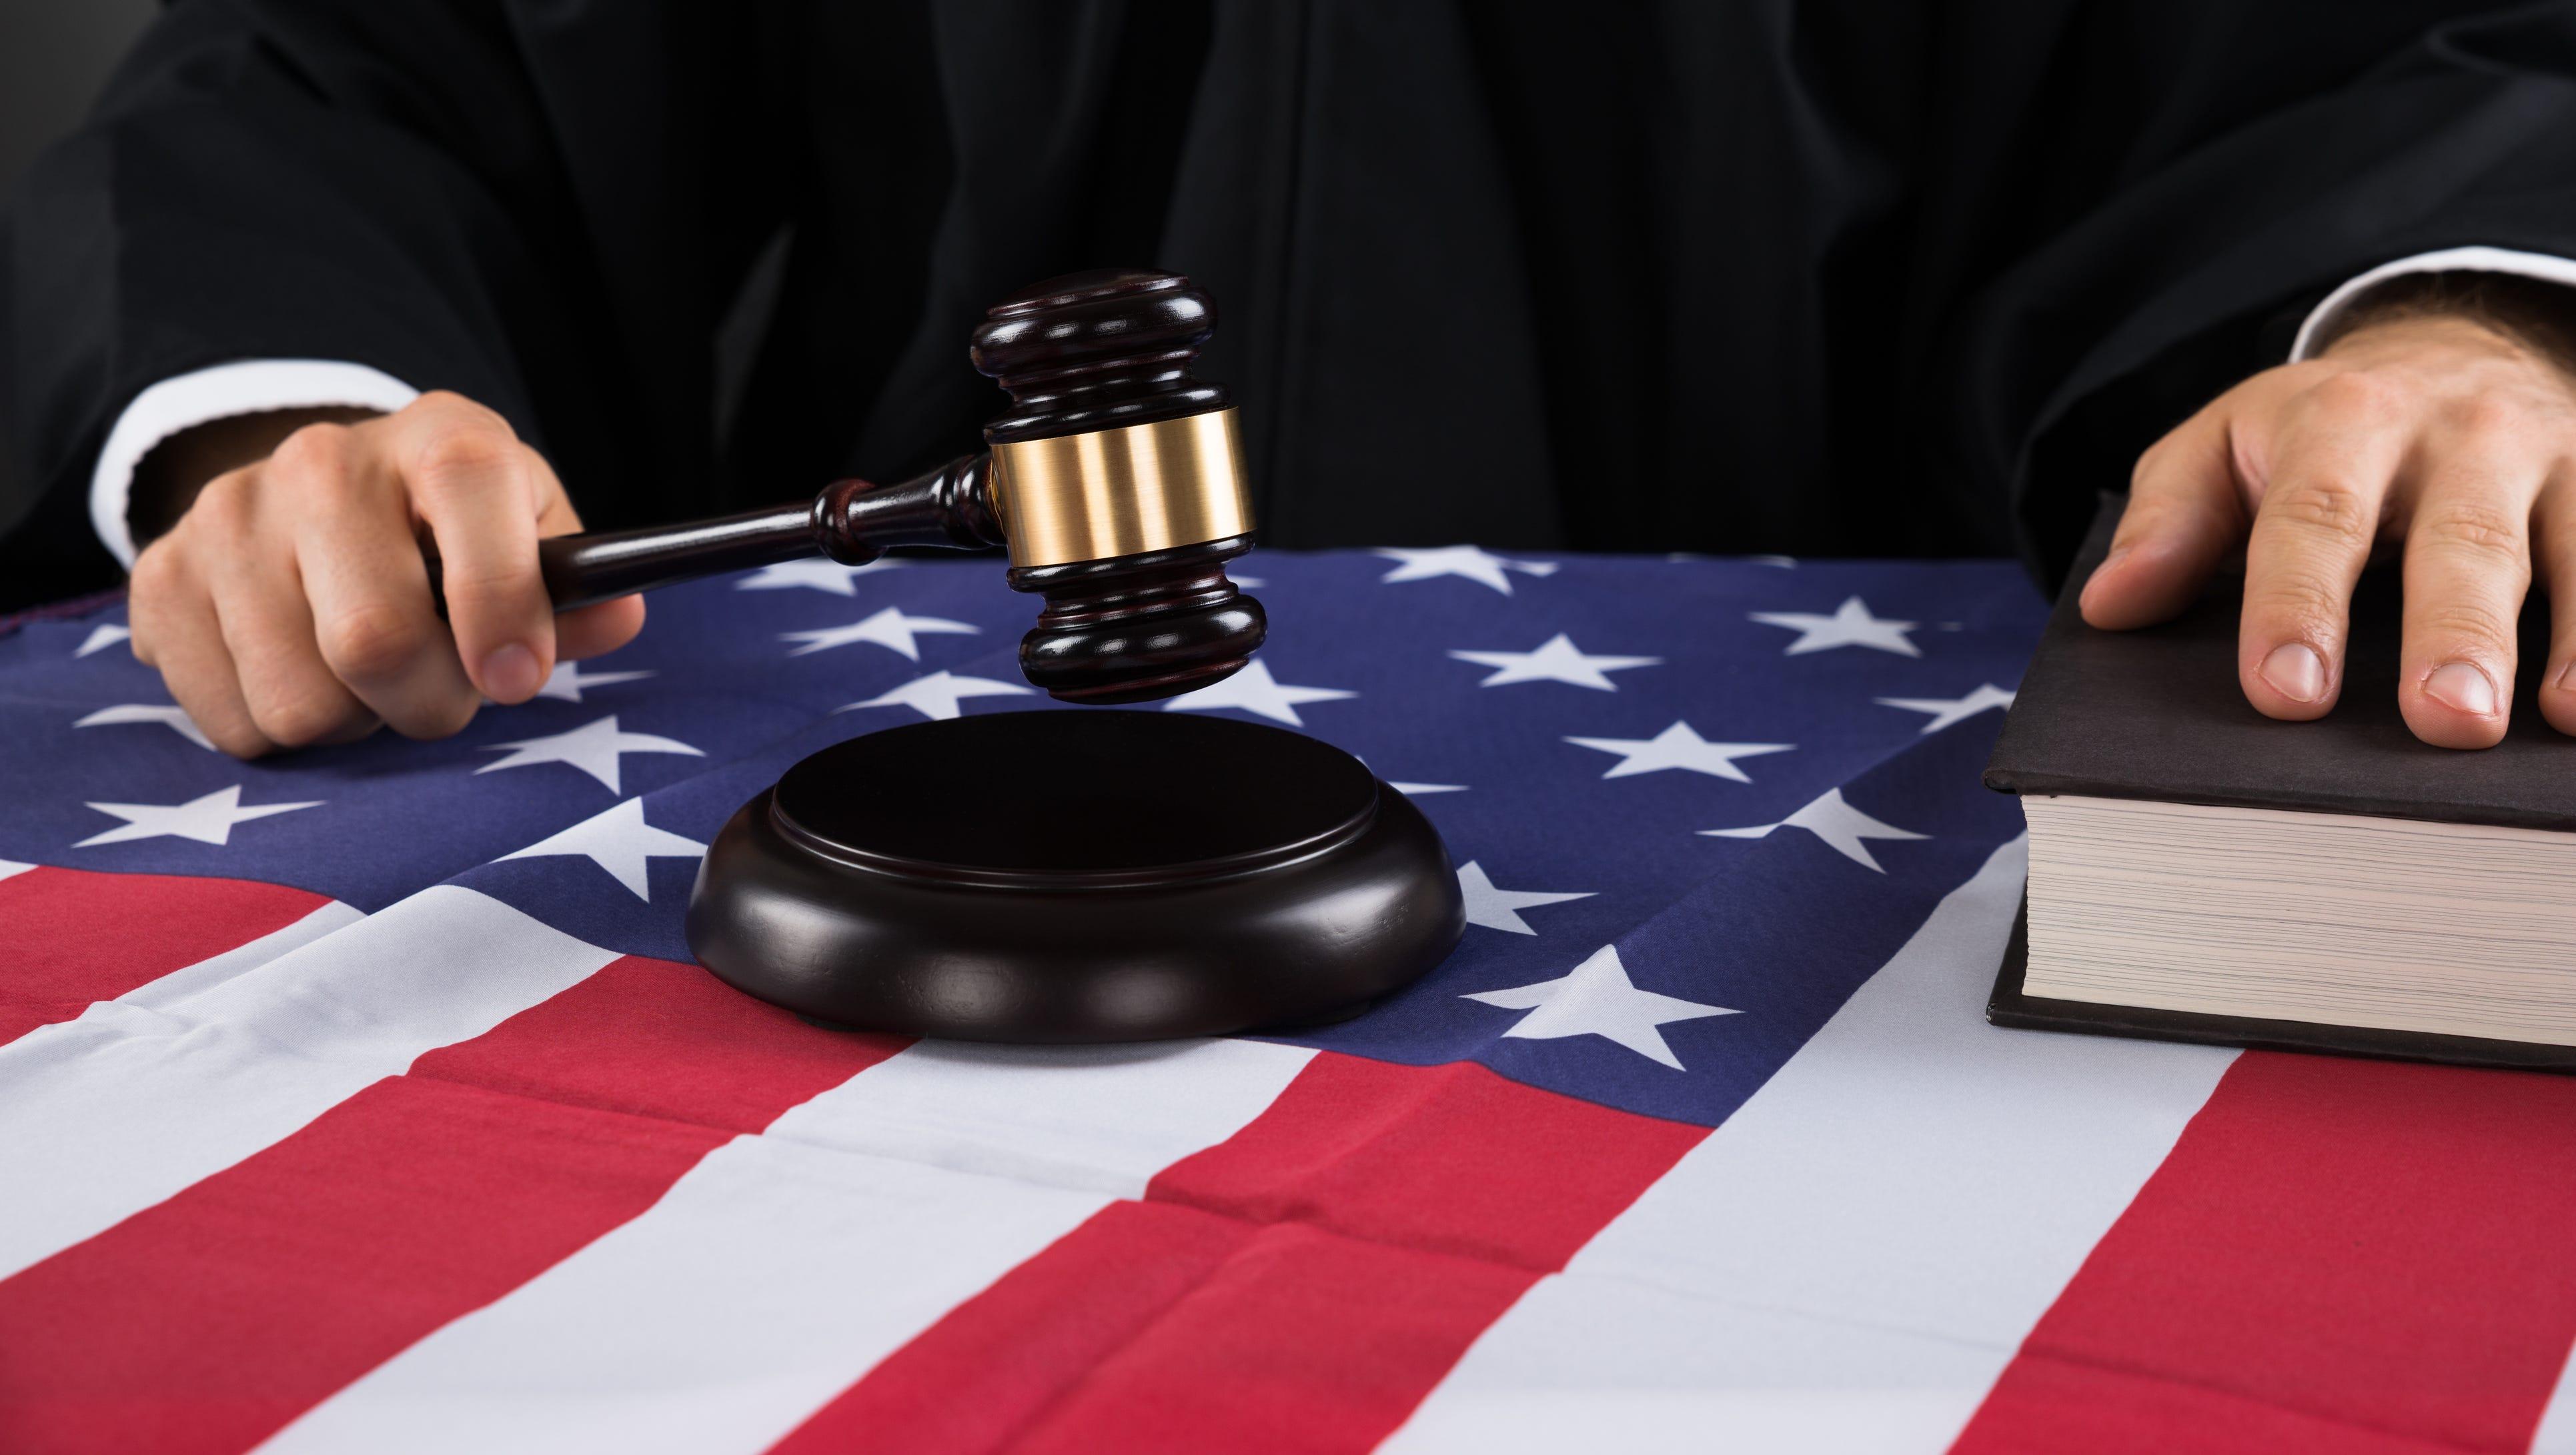 Cuales son los candidatos a reemplazar a la juez Ruth Bader Ginsburg